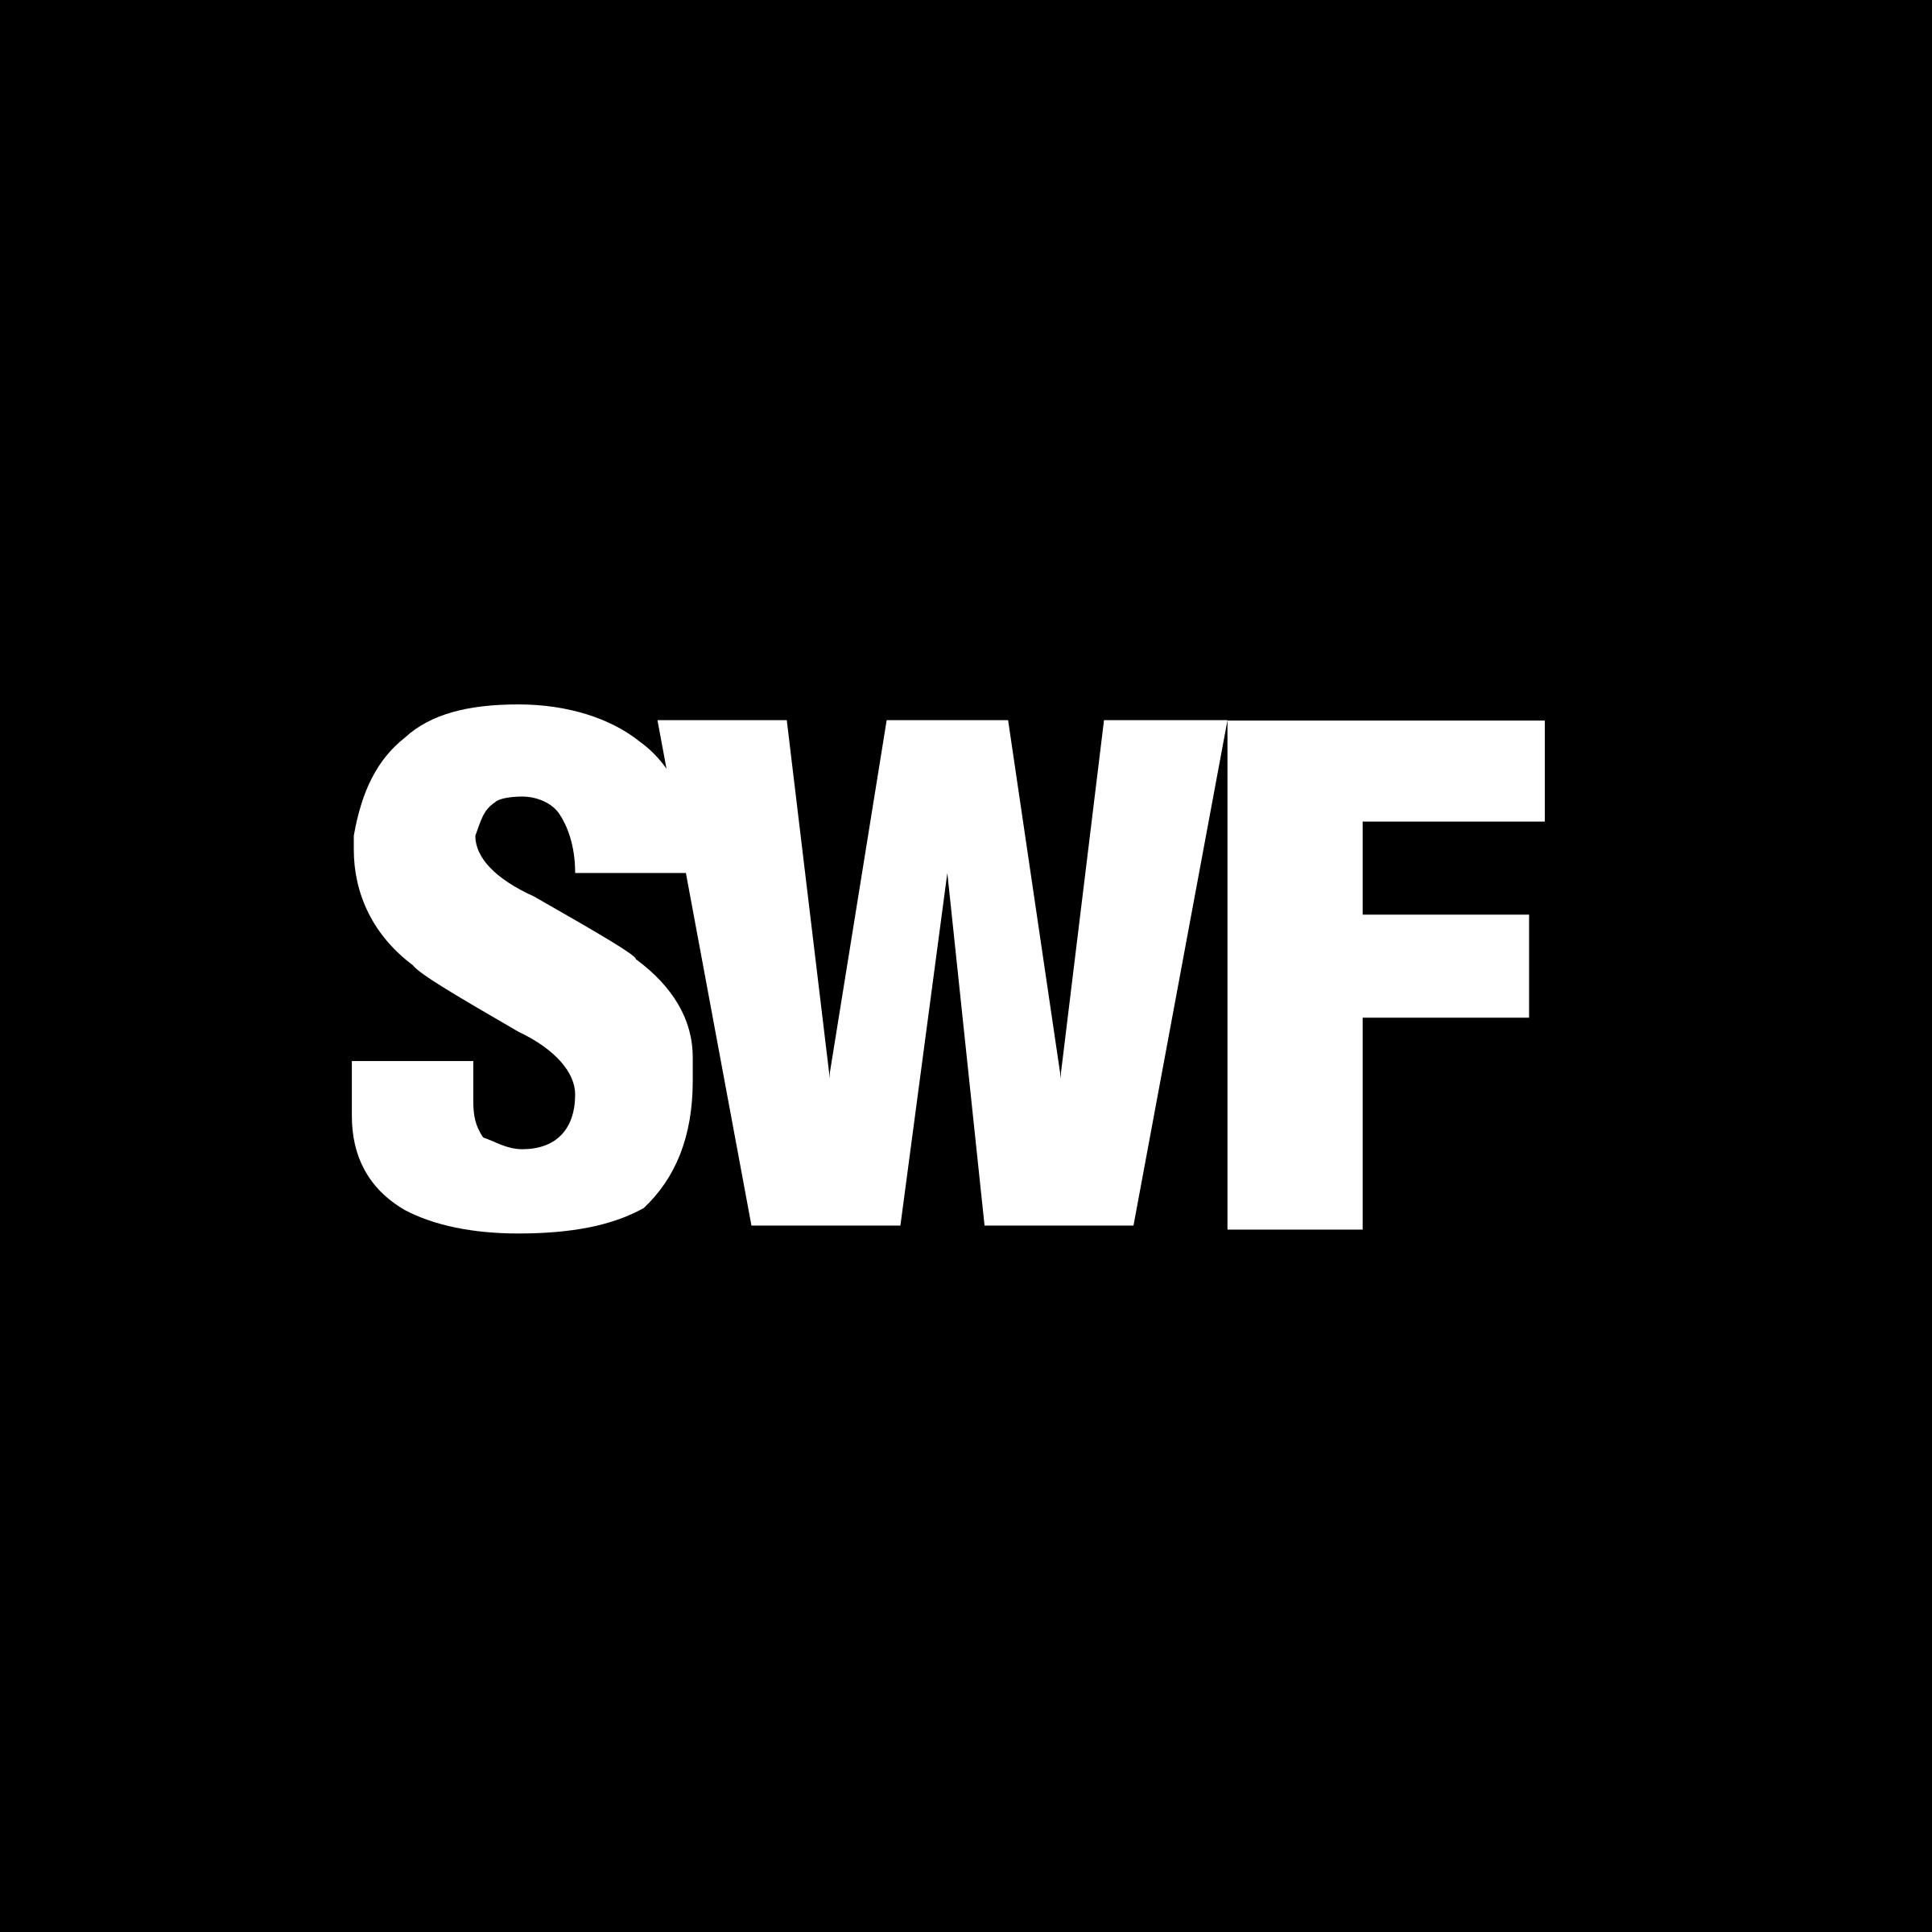 SWF Logo PNG Transparent & SVG Vector.